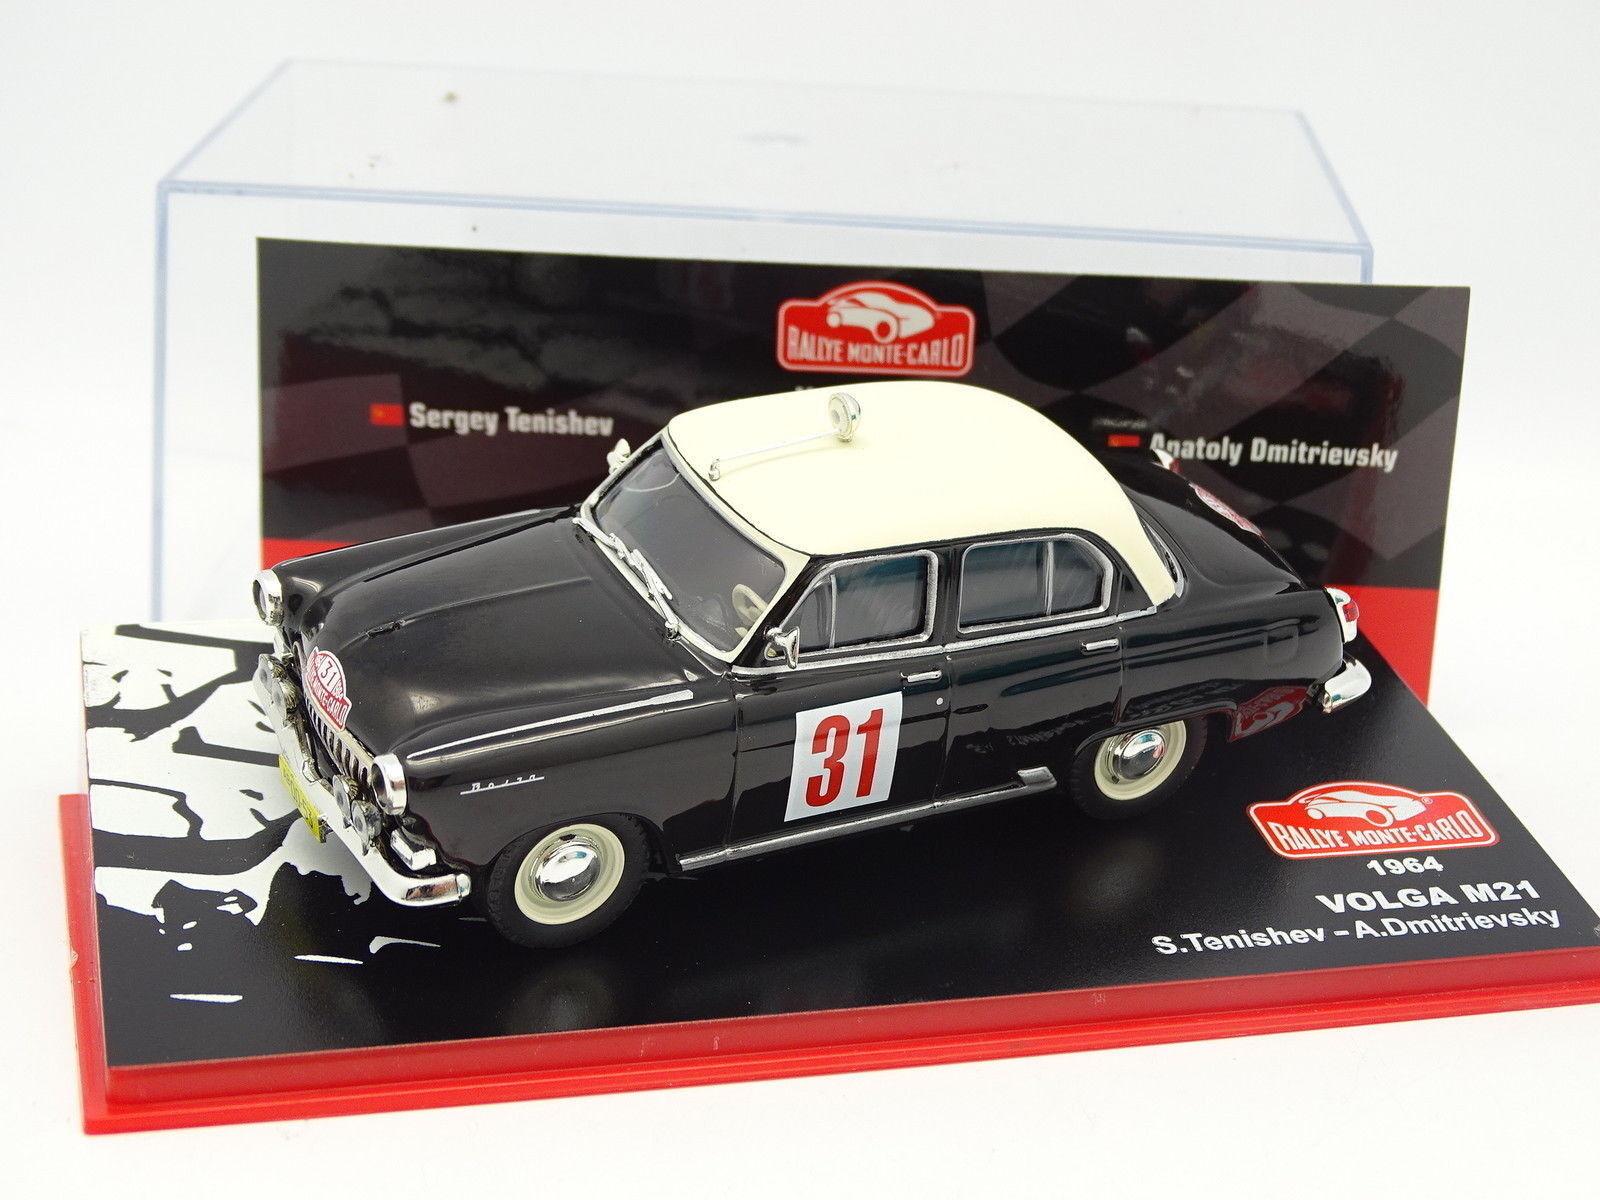 Prensa Ixo Rallye Monte Carlo 1 43 - - - Volga M21 1964 f33691